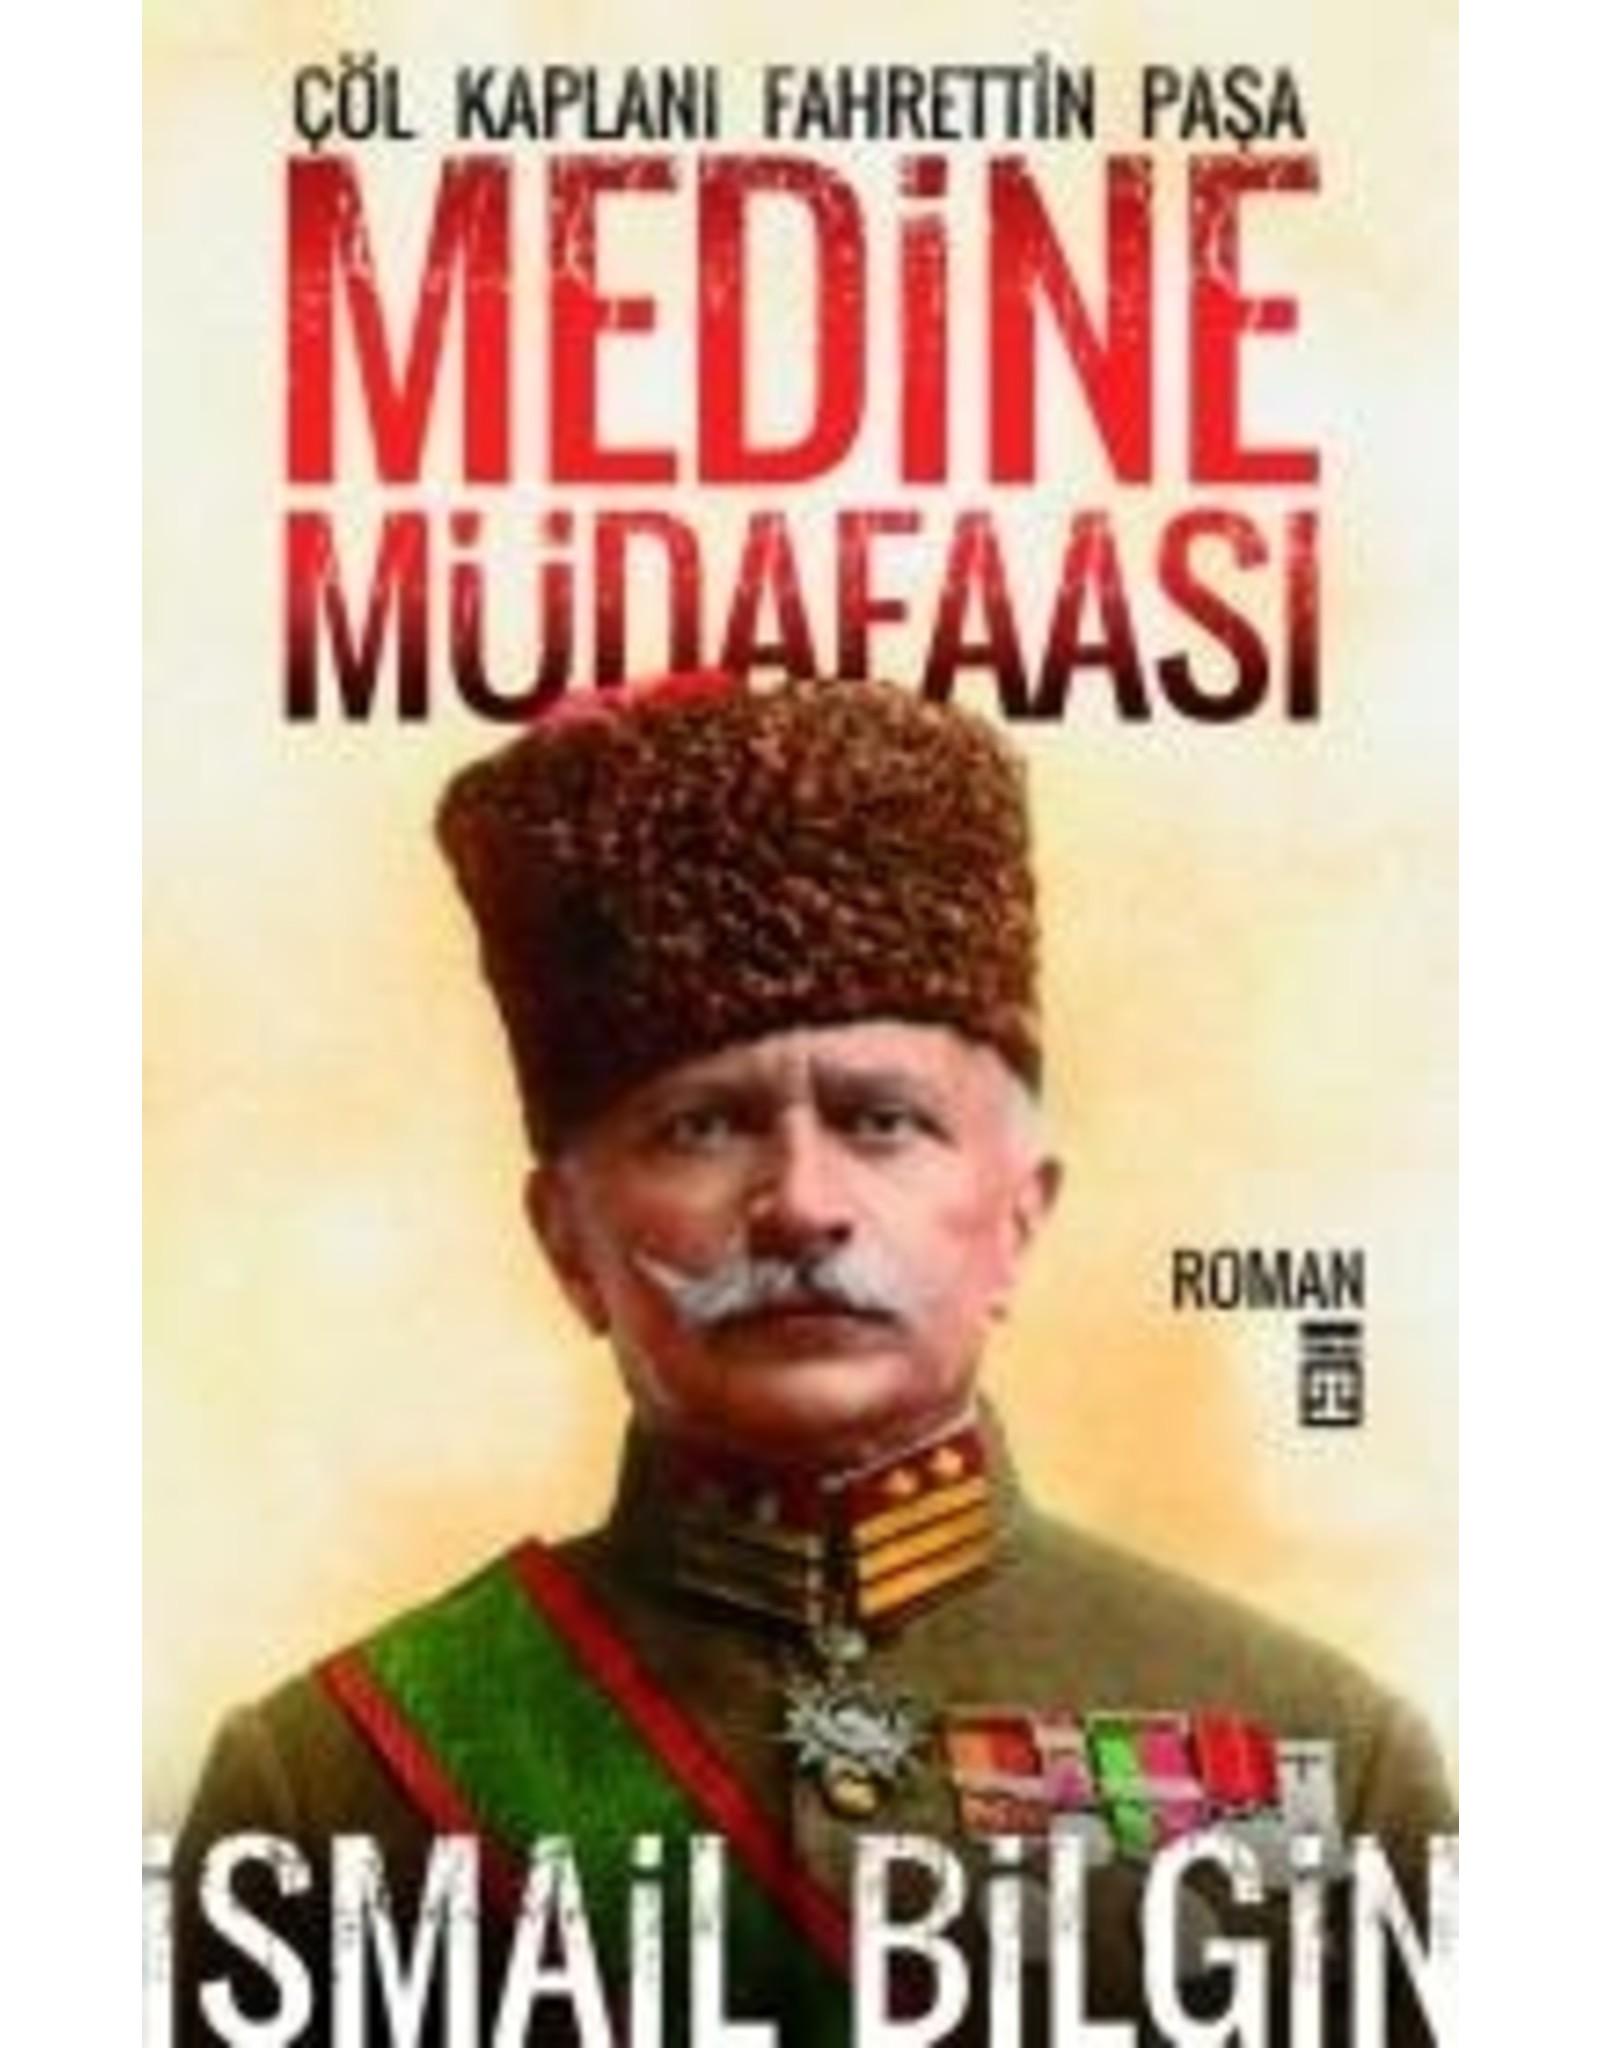 Ismail Bilgin Medine Müdafaası / Çöl Kaplanı Fahrettin Paşa